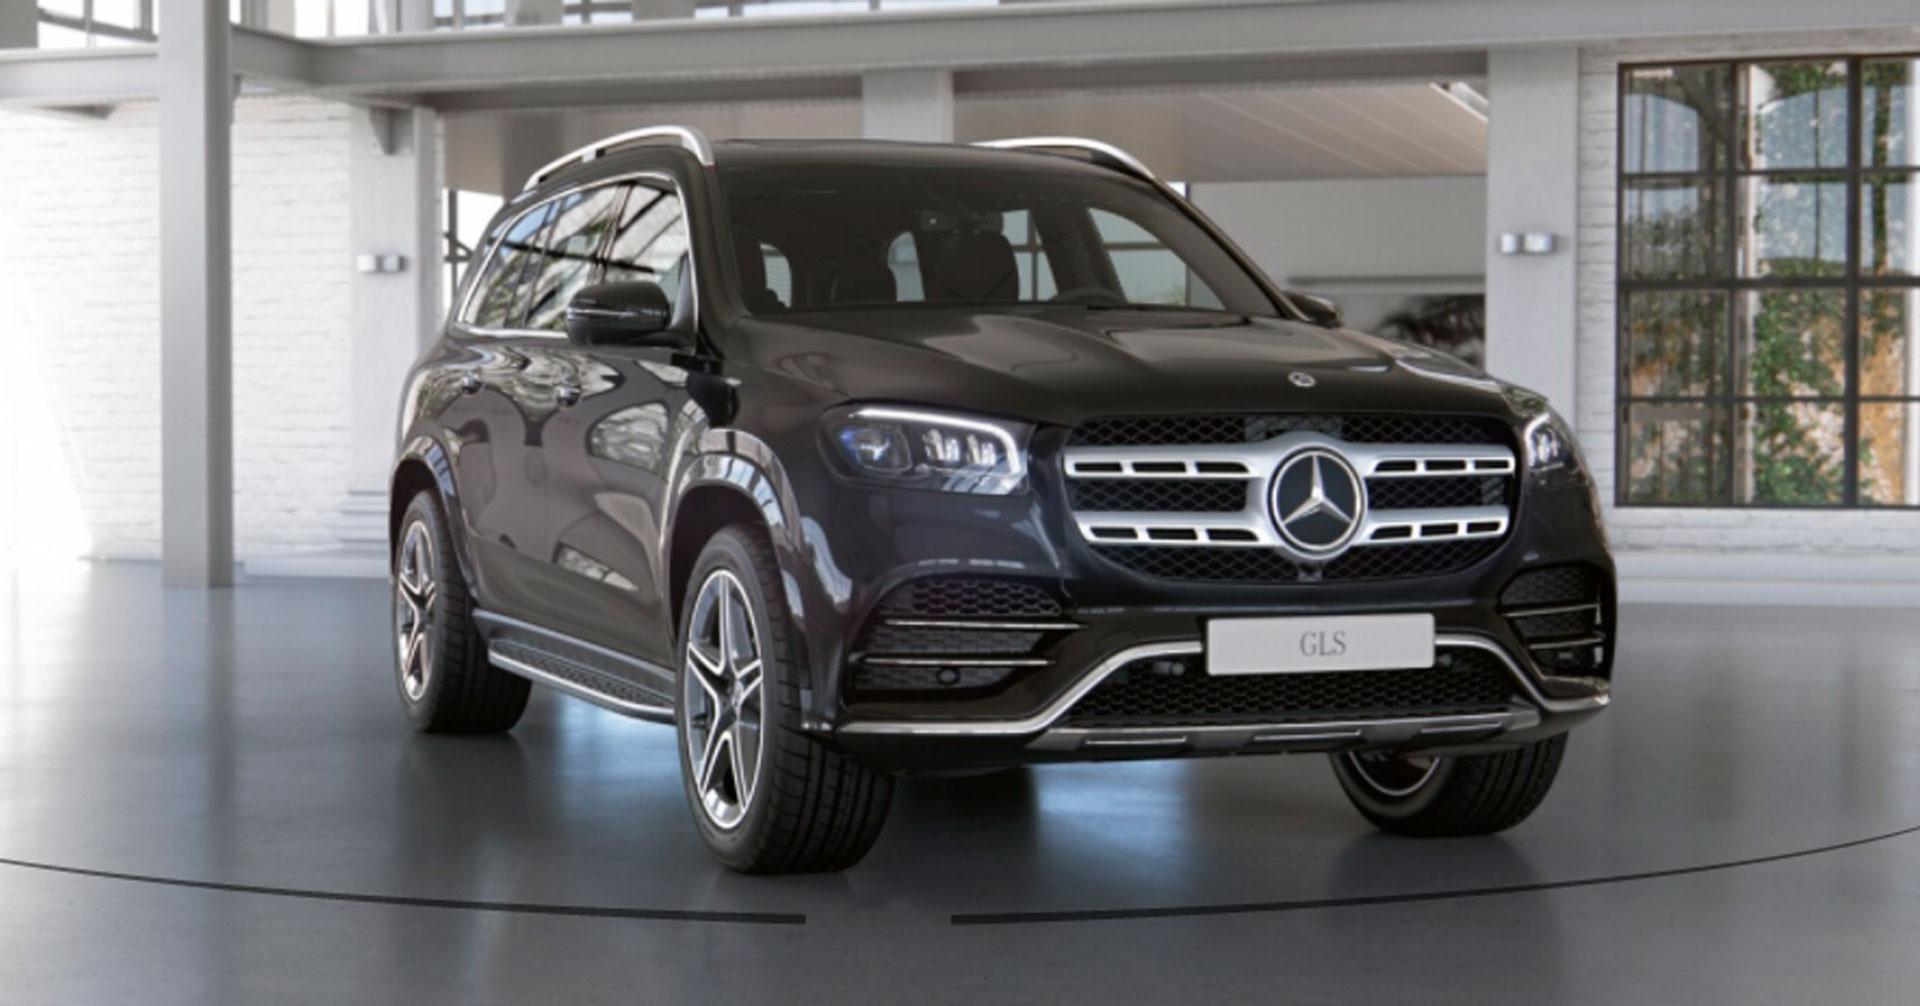 Mercedes-Benz GLS-Class 0152632031